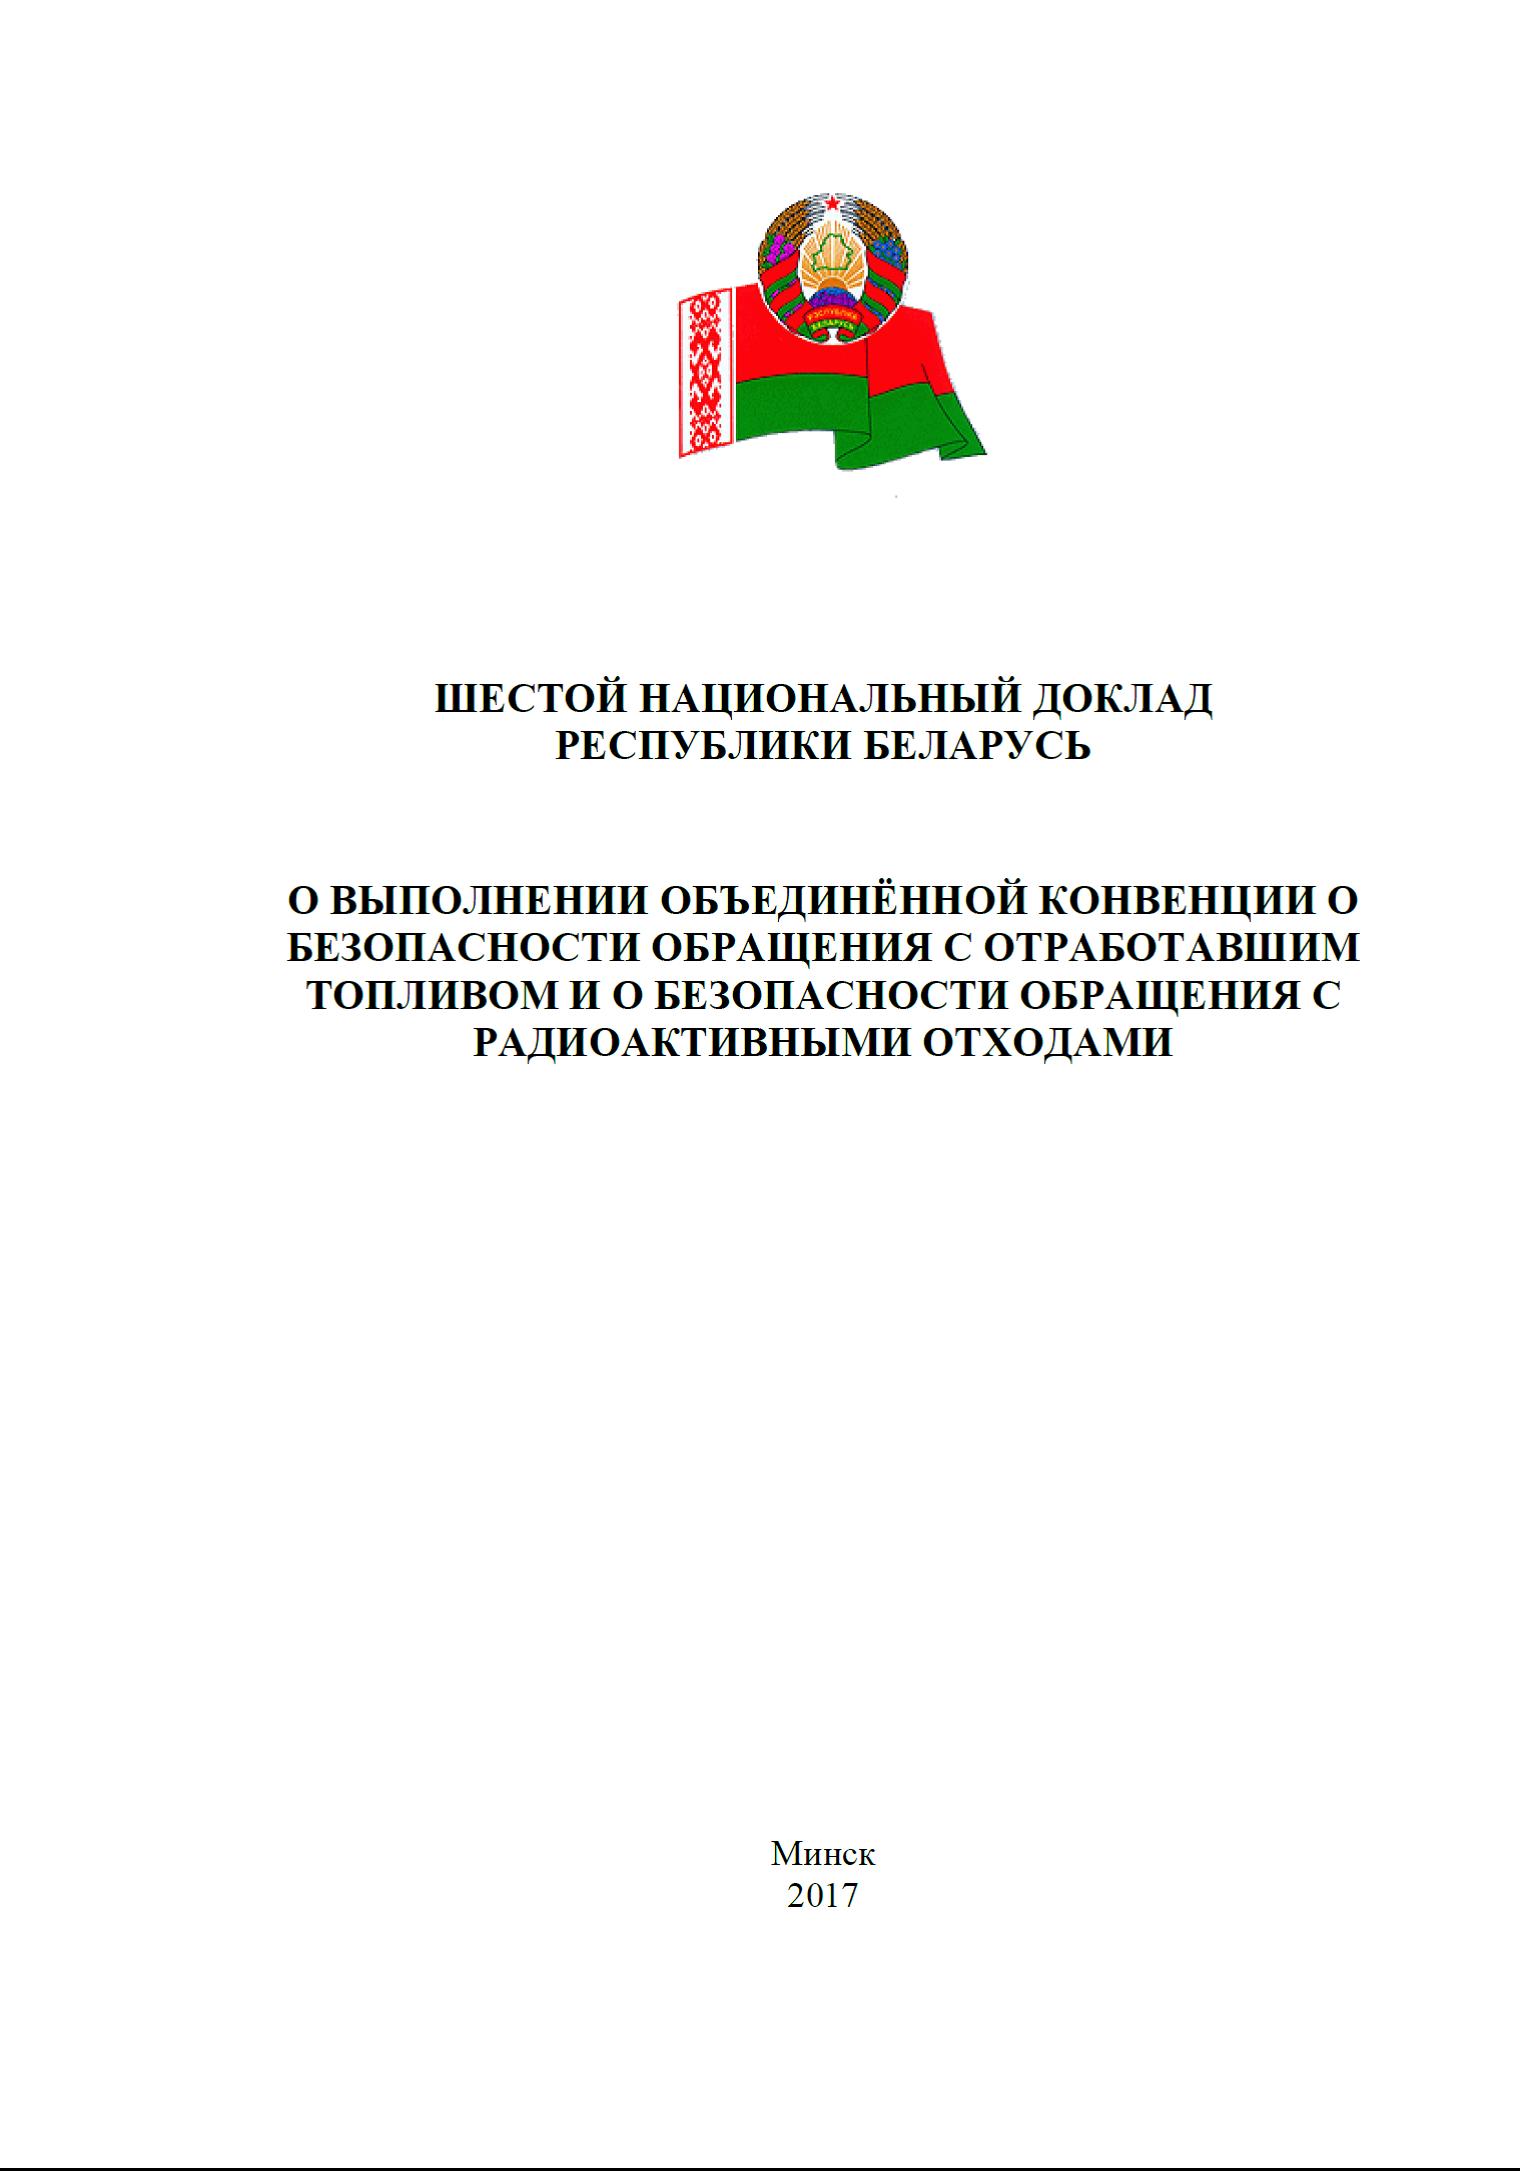 Национальный доклад о состоянии окружающей среды республики беларусь 7041